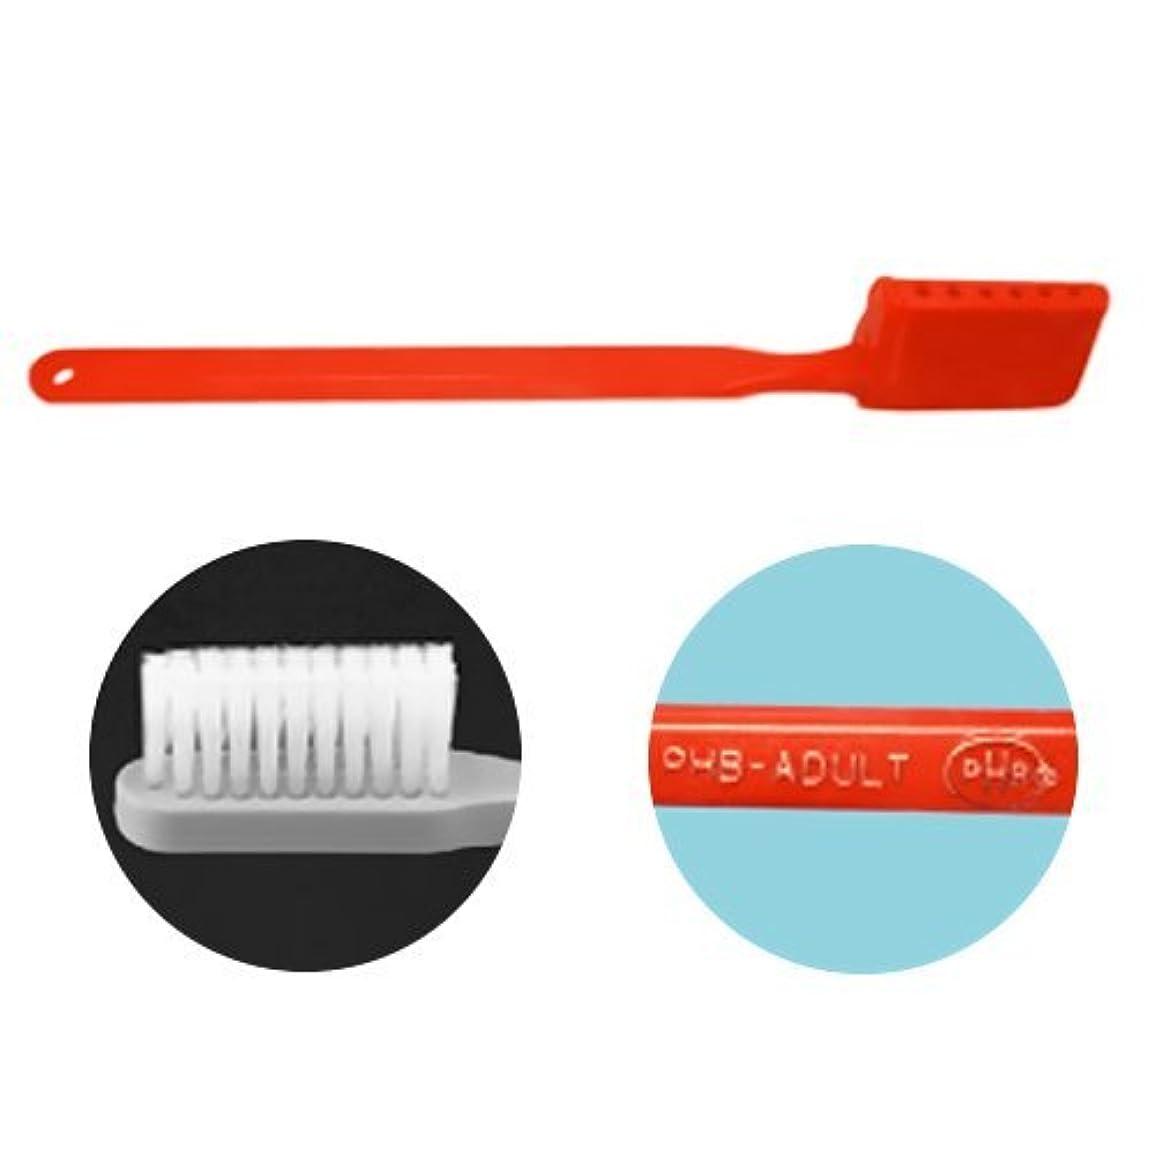 慈悲深い蒸気守るPHB 歯ブラシ アダルトサイズ 1本 ネオンオレンジ